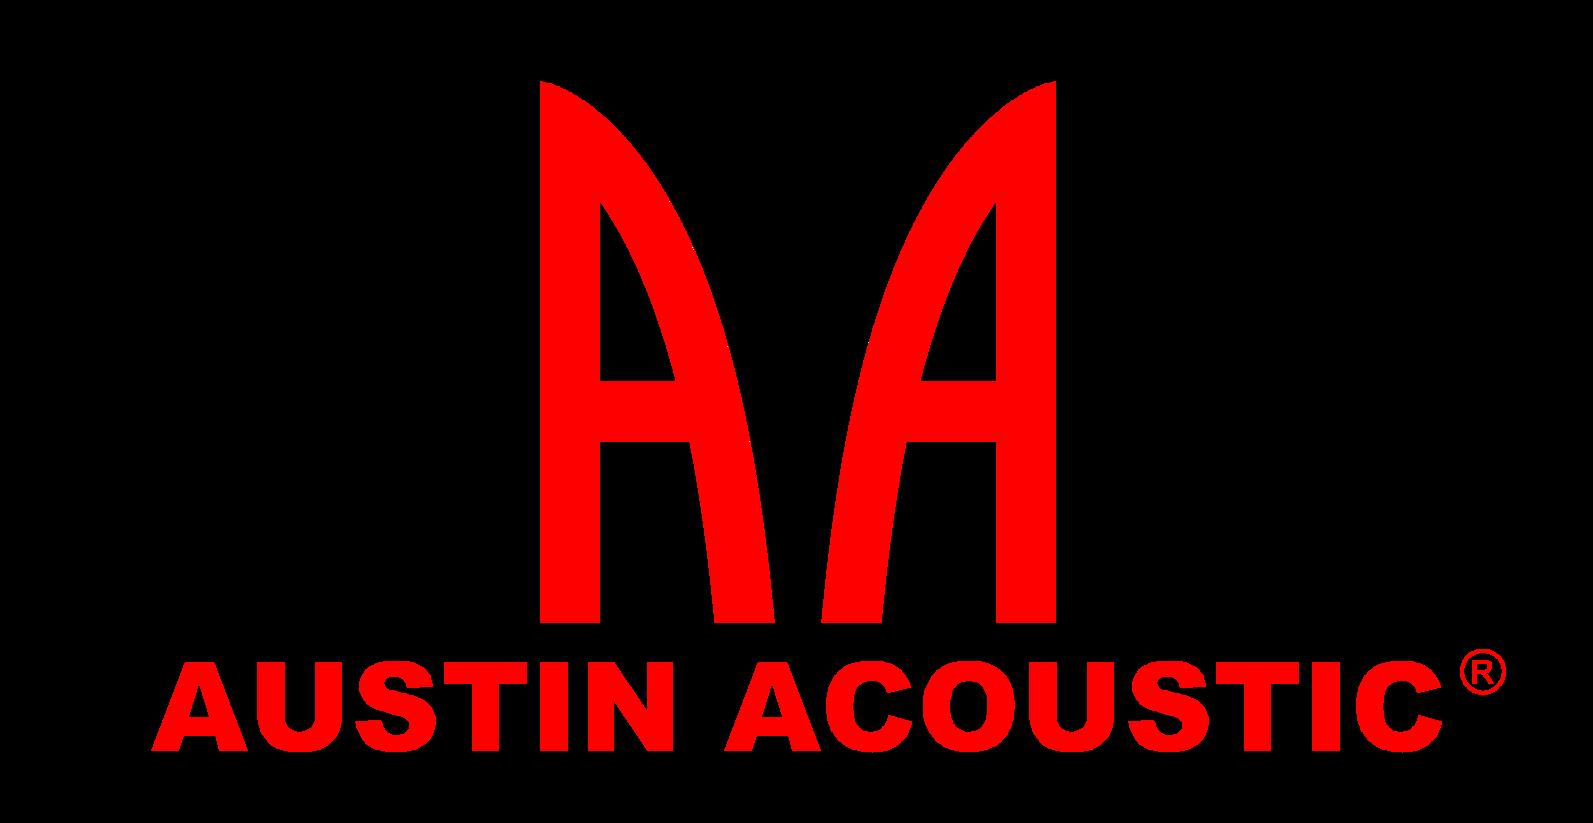 austinacoustic's avatar